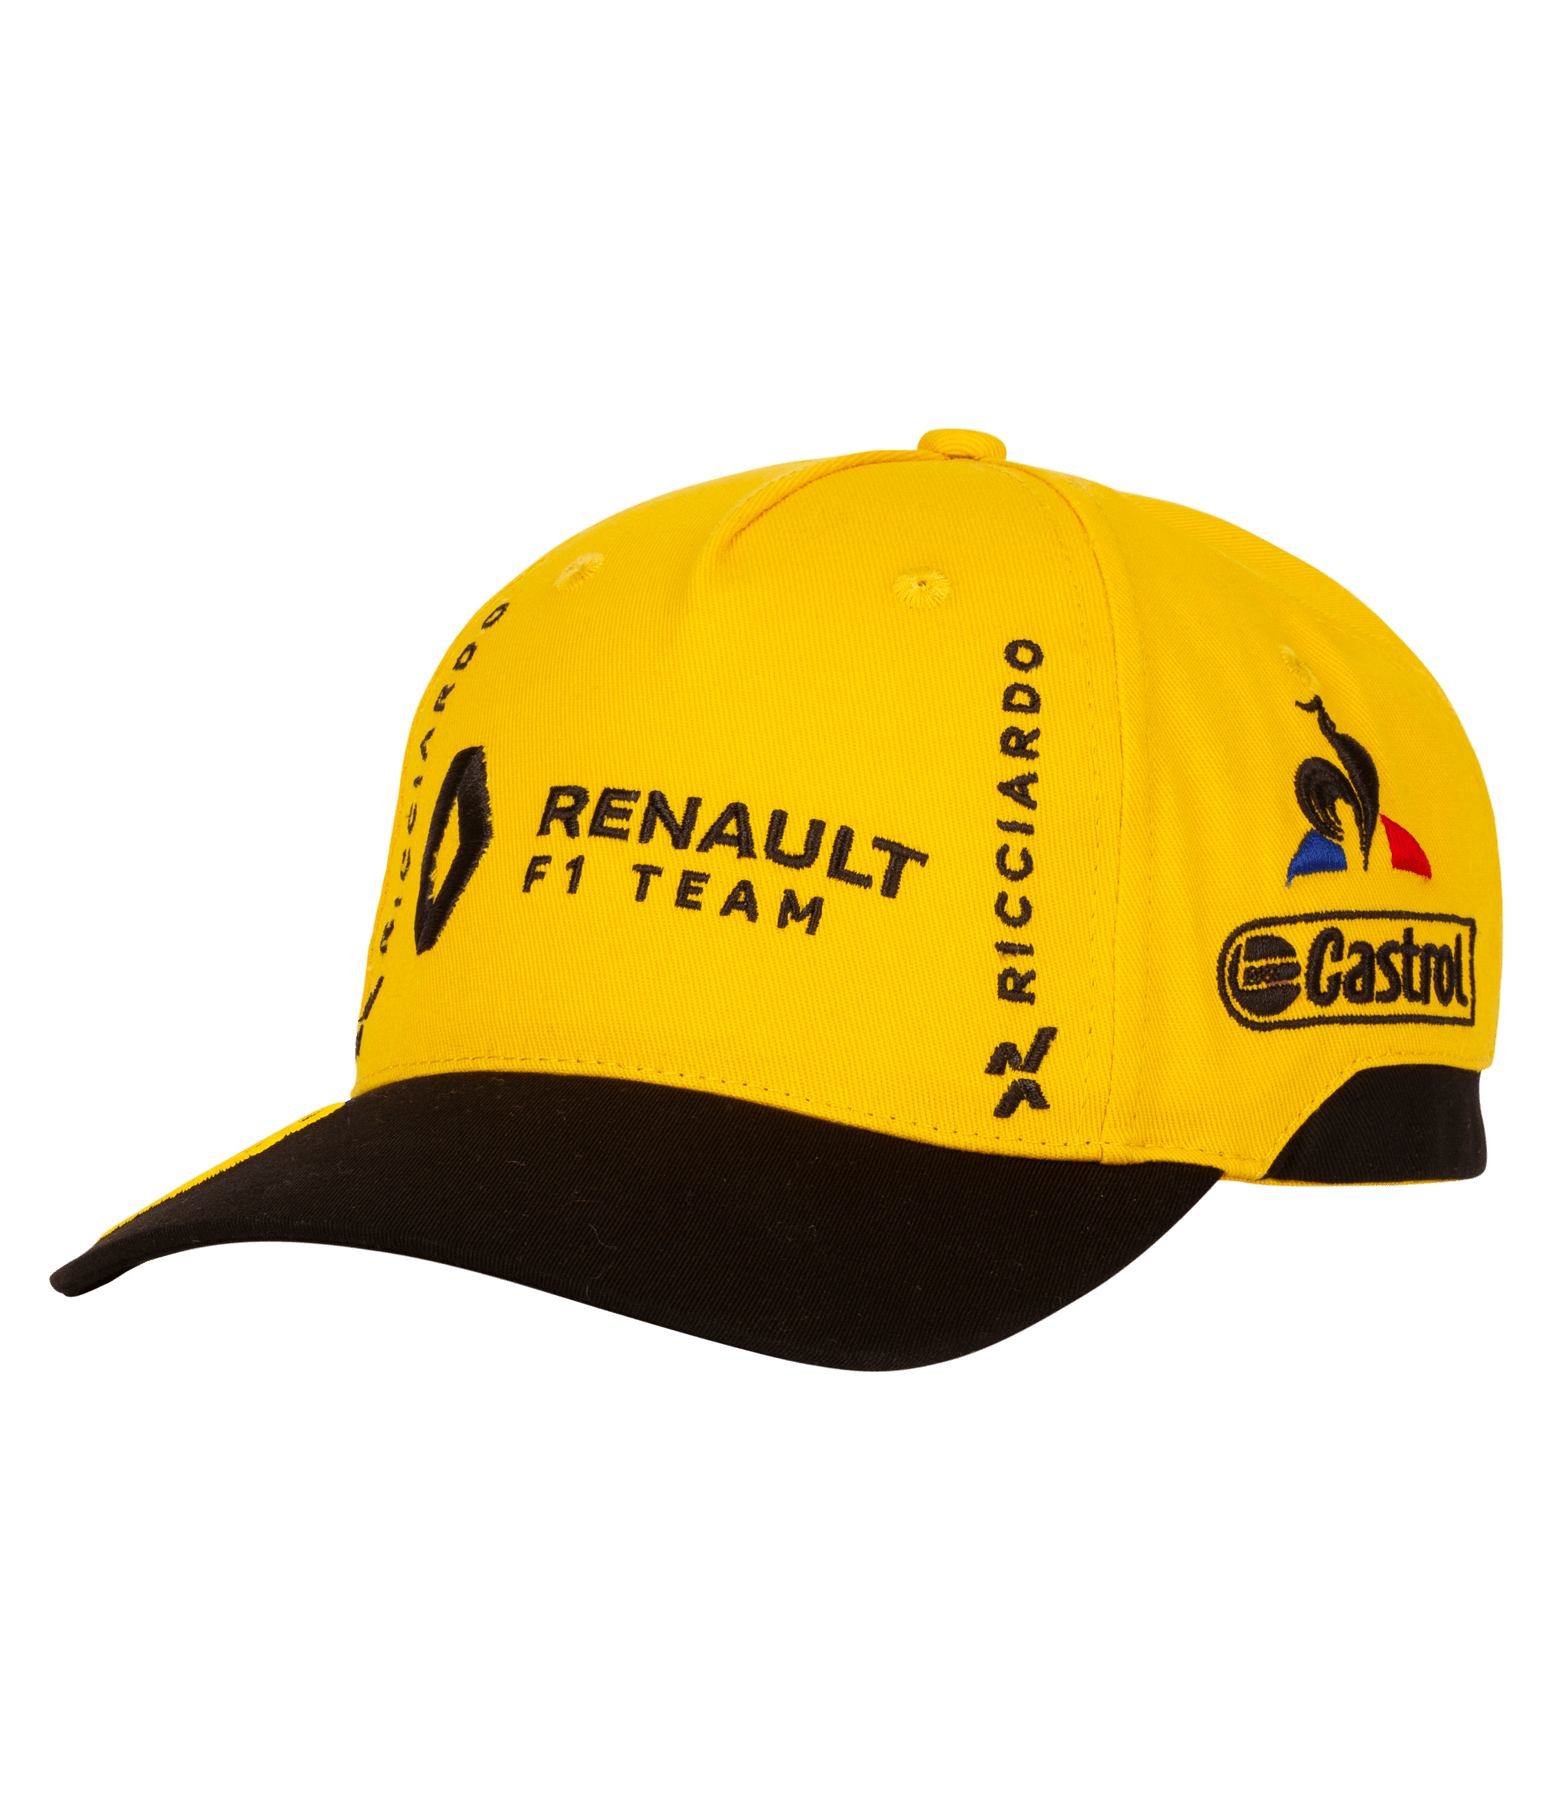 RENAULT F1® TEAM 2019 kid's cap - Ricciardo